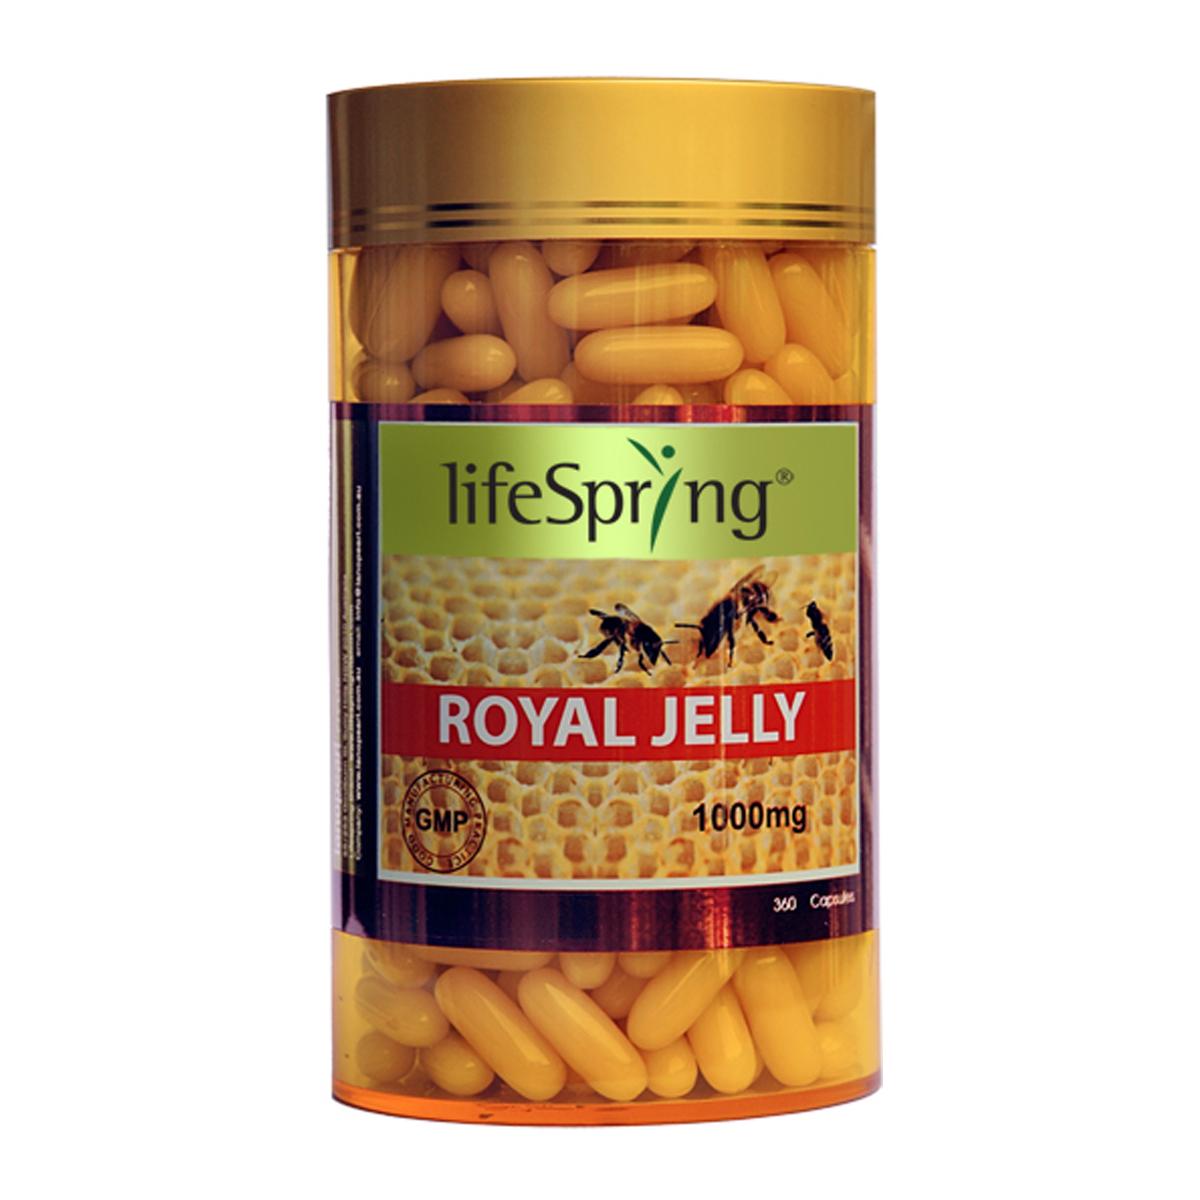 [LifeSpring] Sữa ong chúa LifeSpring Royal Jelly 1000mg - 360 viên